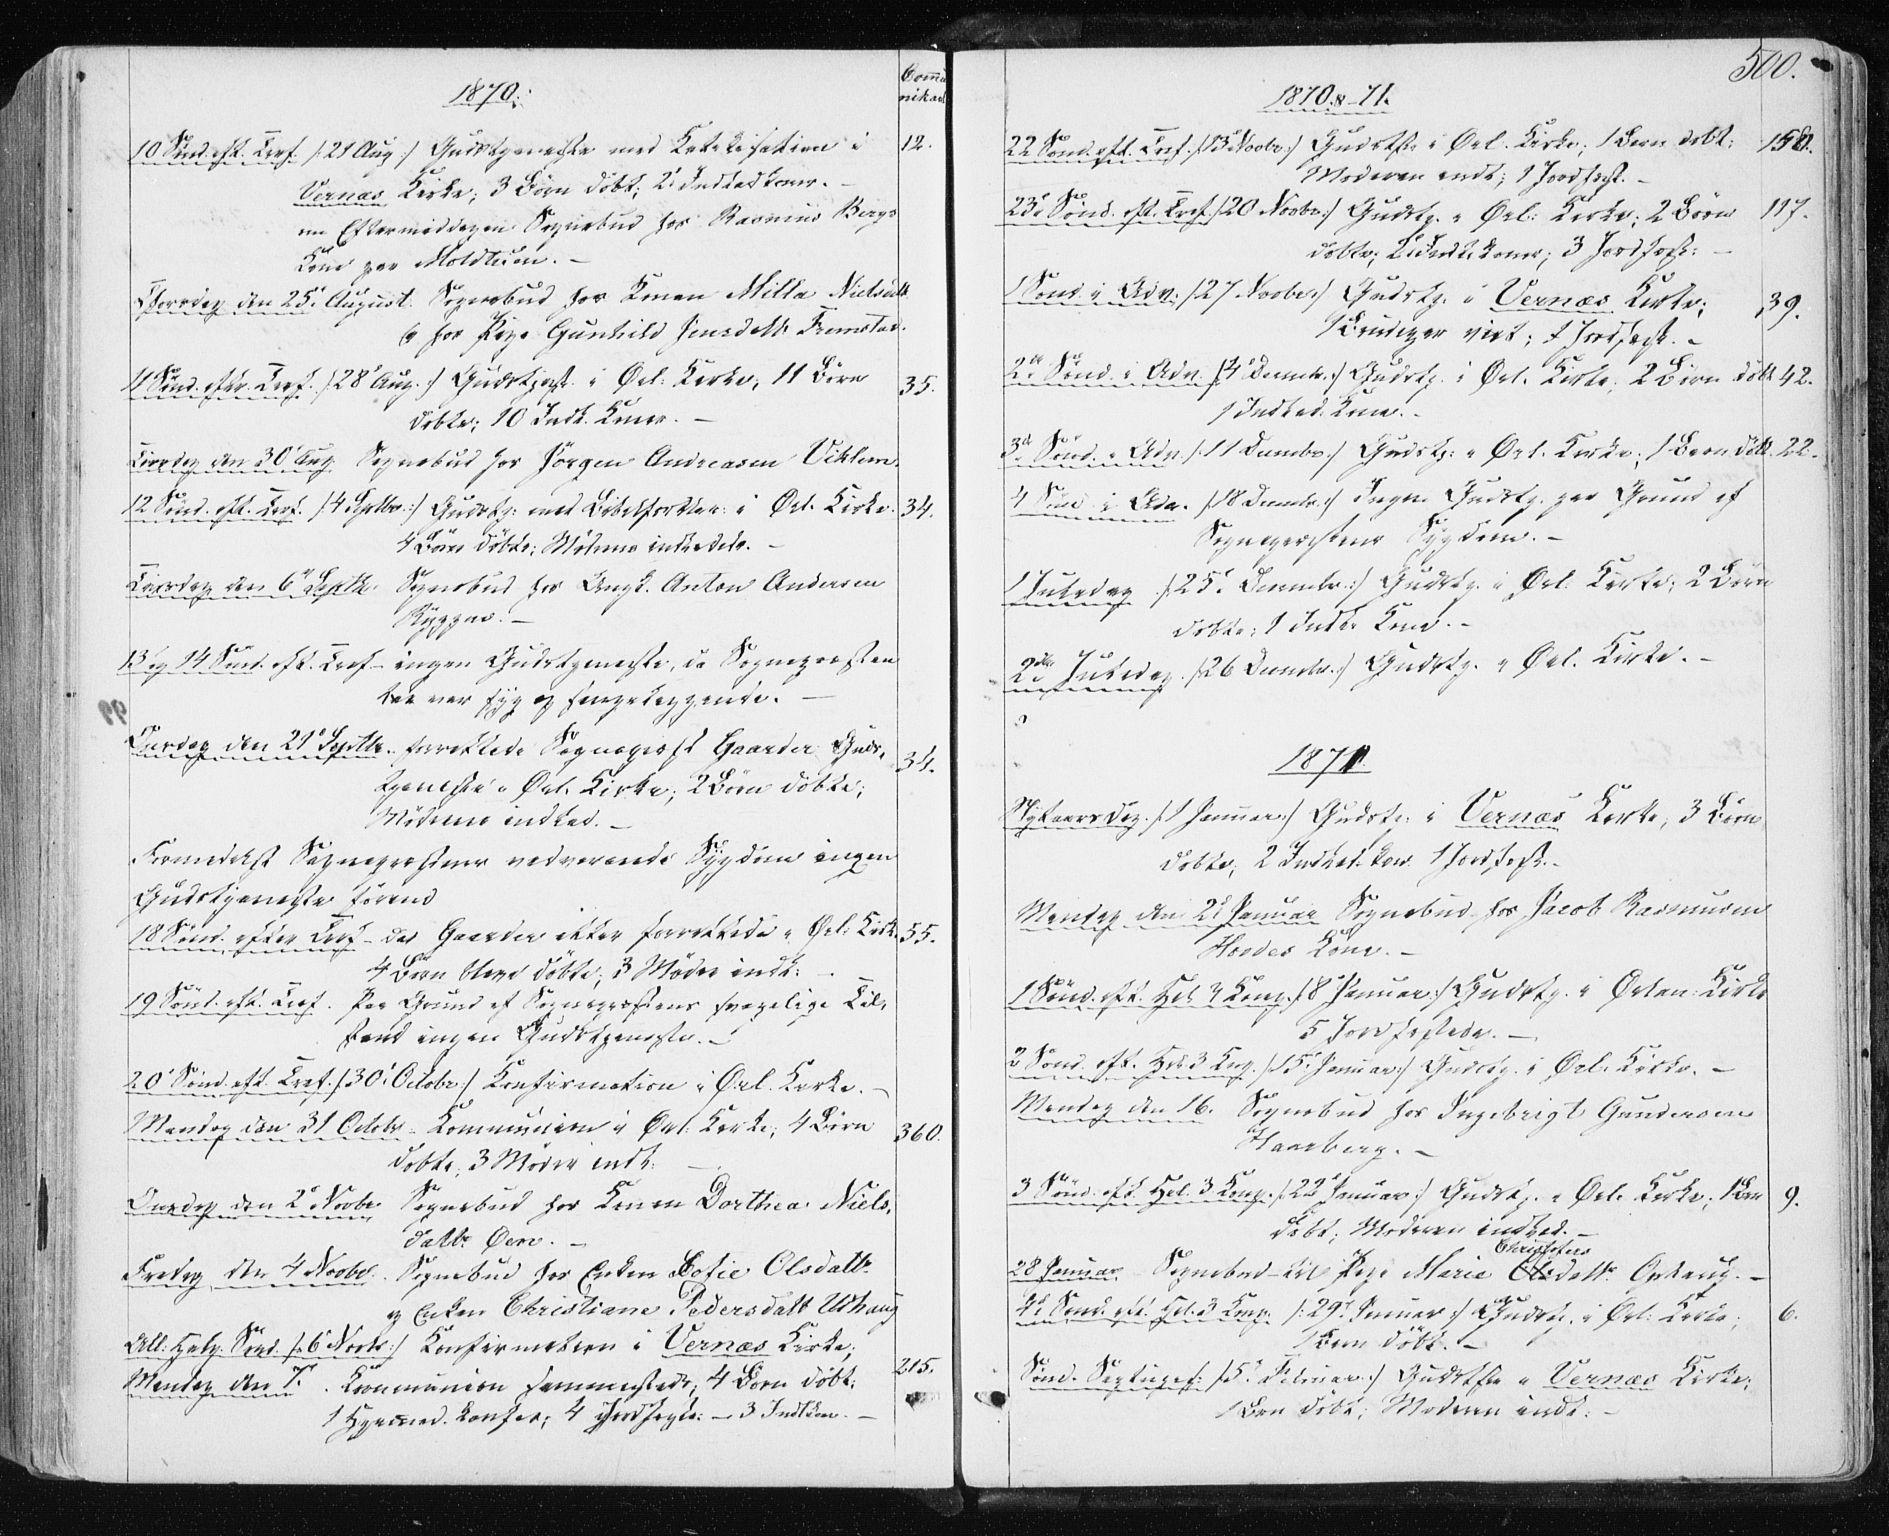 SAT, Ministerialprotokoller, klokkerbøker og fødselsregistre - Sør-Trøndelag, 659/L0737: Ministerialbok nr. 659A07, 1857-1875, s. 500